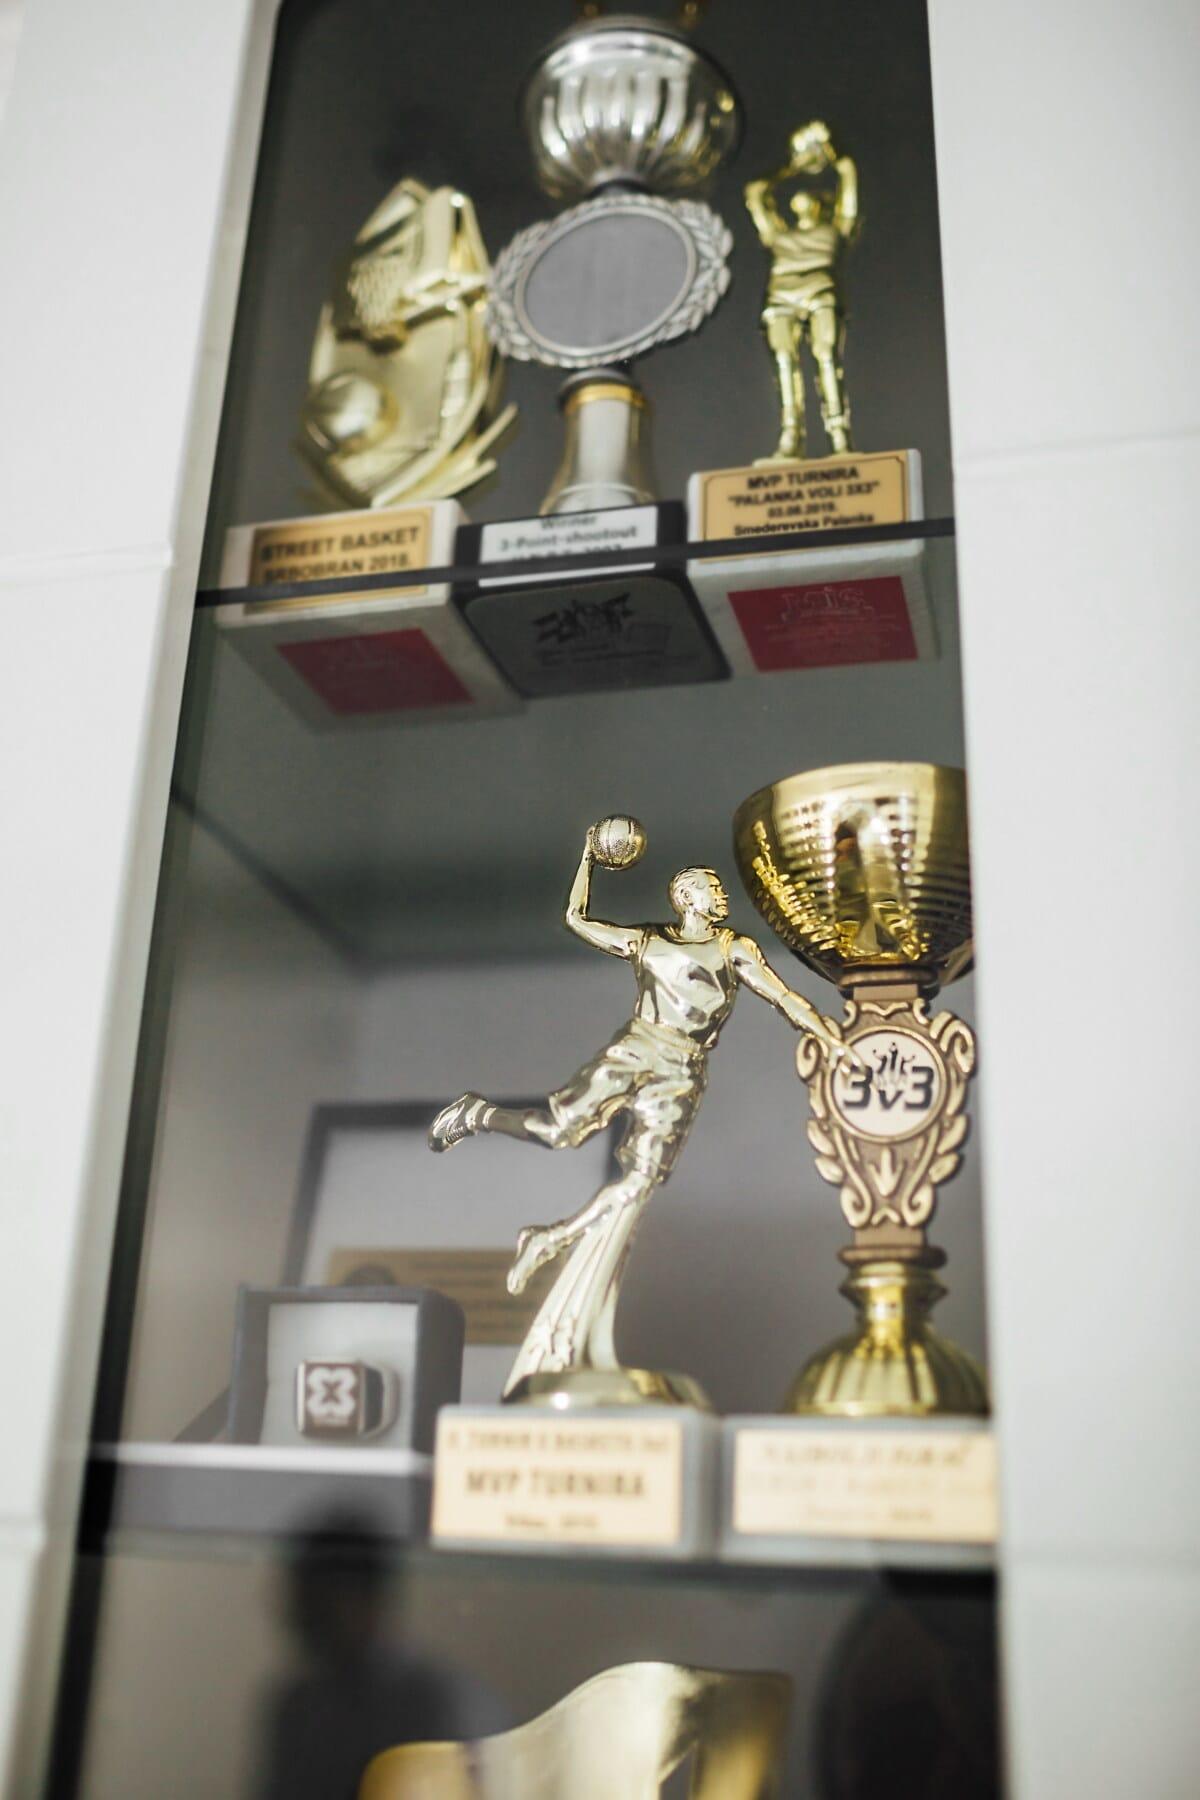 Leistung, Erinnerungsstücke, Preis, Sport, Wettbewerb, Museum, Skulptur, Bronze, Sieg, Ausstellung